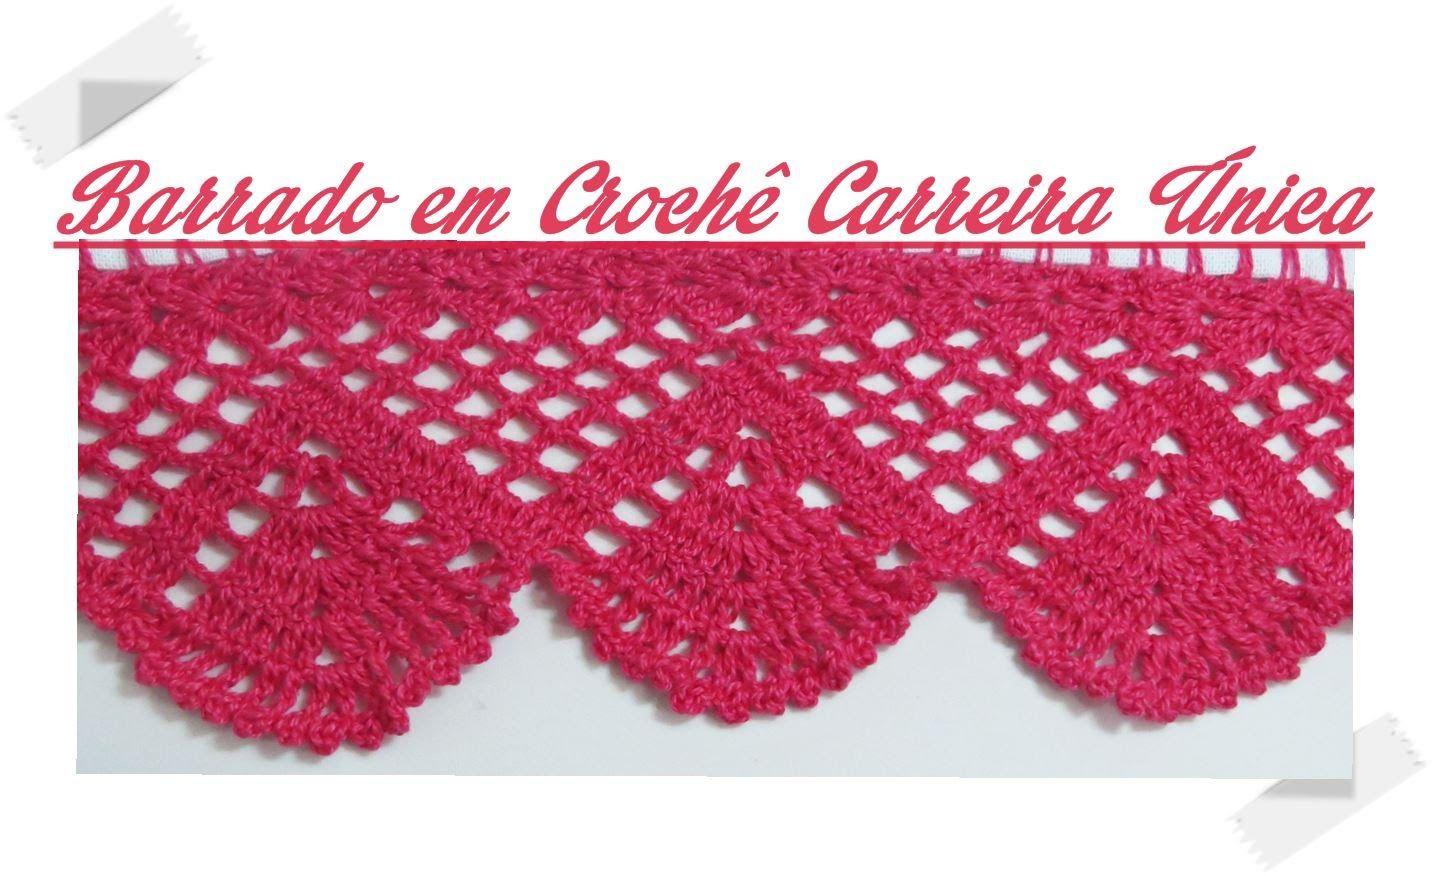 Barrado Em Croche Carreira Unica Bico De Croche Barrados De